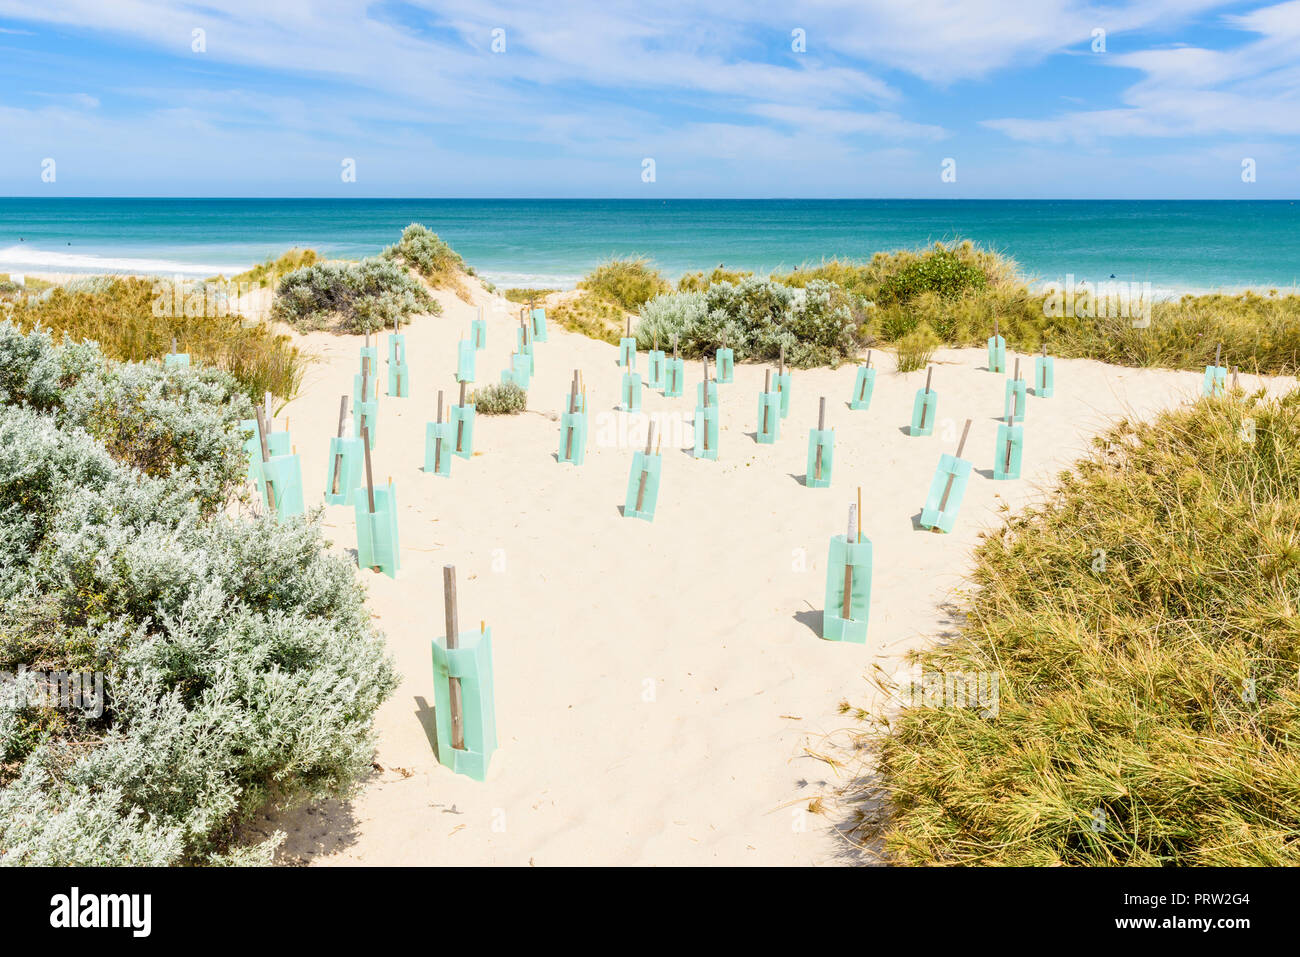 In corso di stabilizzazione dune proteggendo i nuovi impianti con struttura in plastica rifugi in un ecosistema costiero in Australia Occidentale Immagini Stock